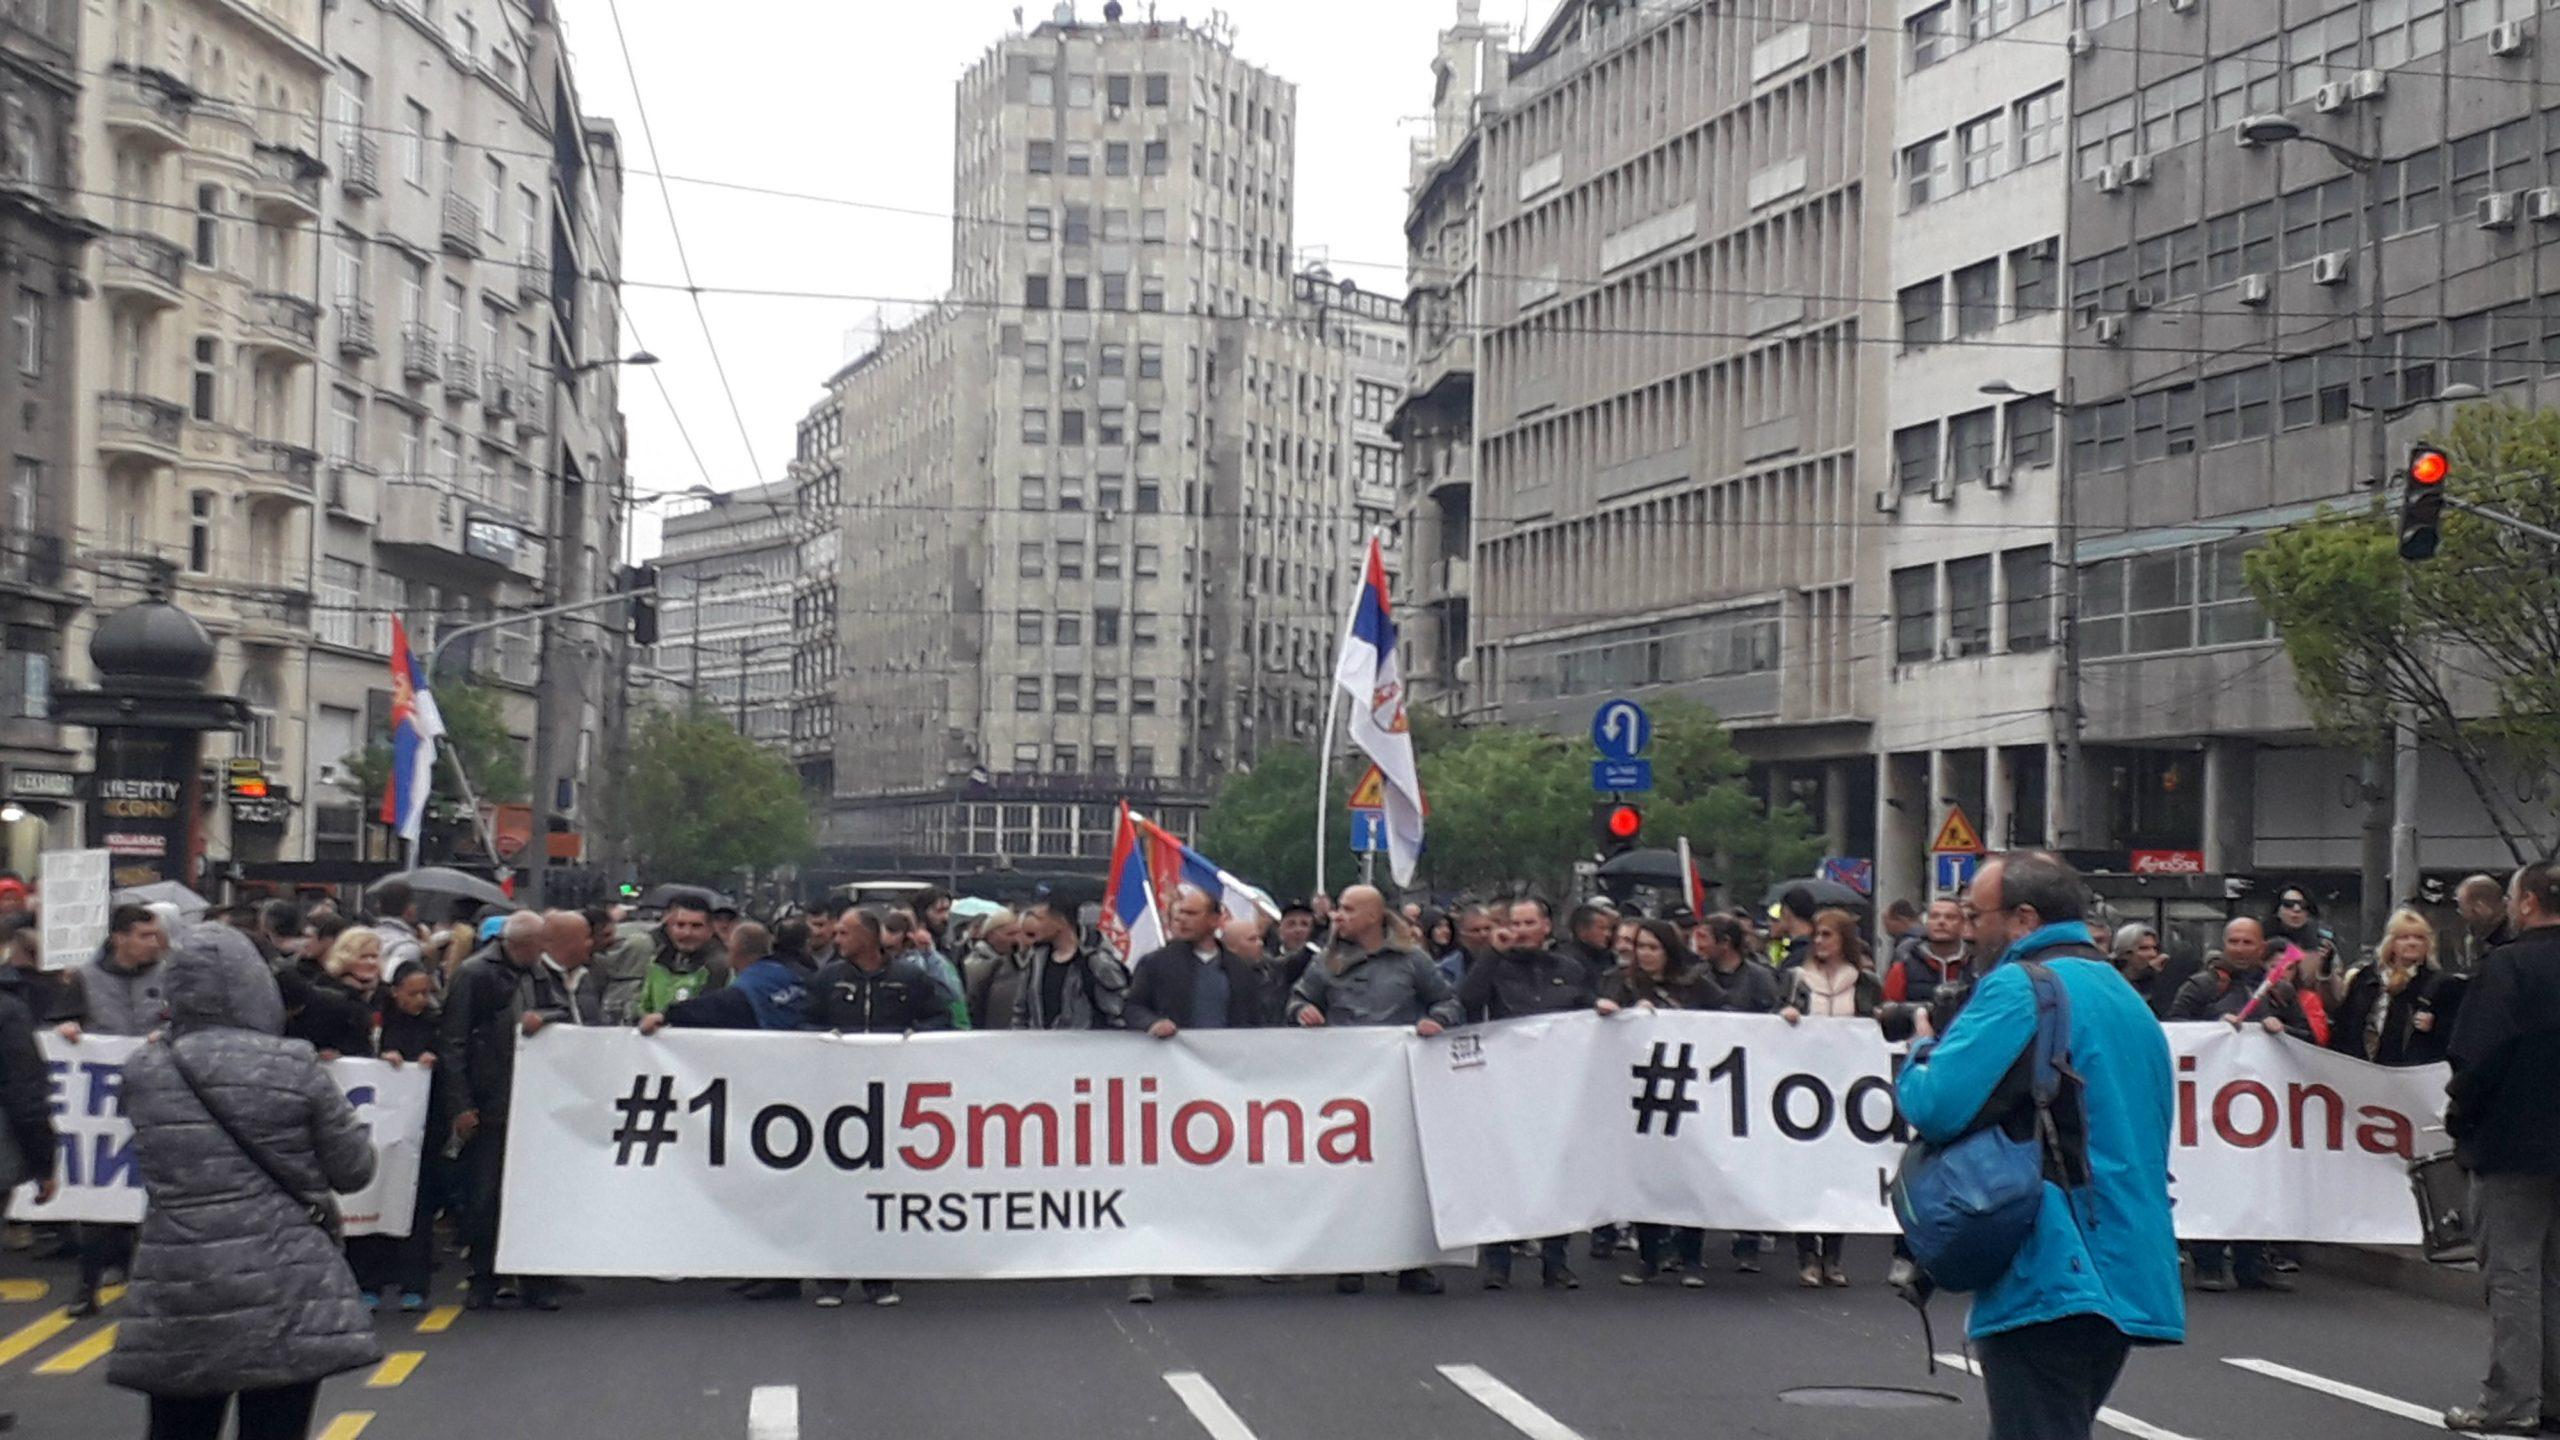 Trasa protesta: Šetaće se do Vlade, Slavije i nazad do Skupštine 1